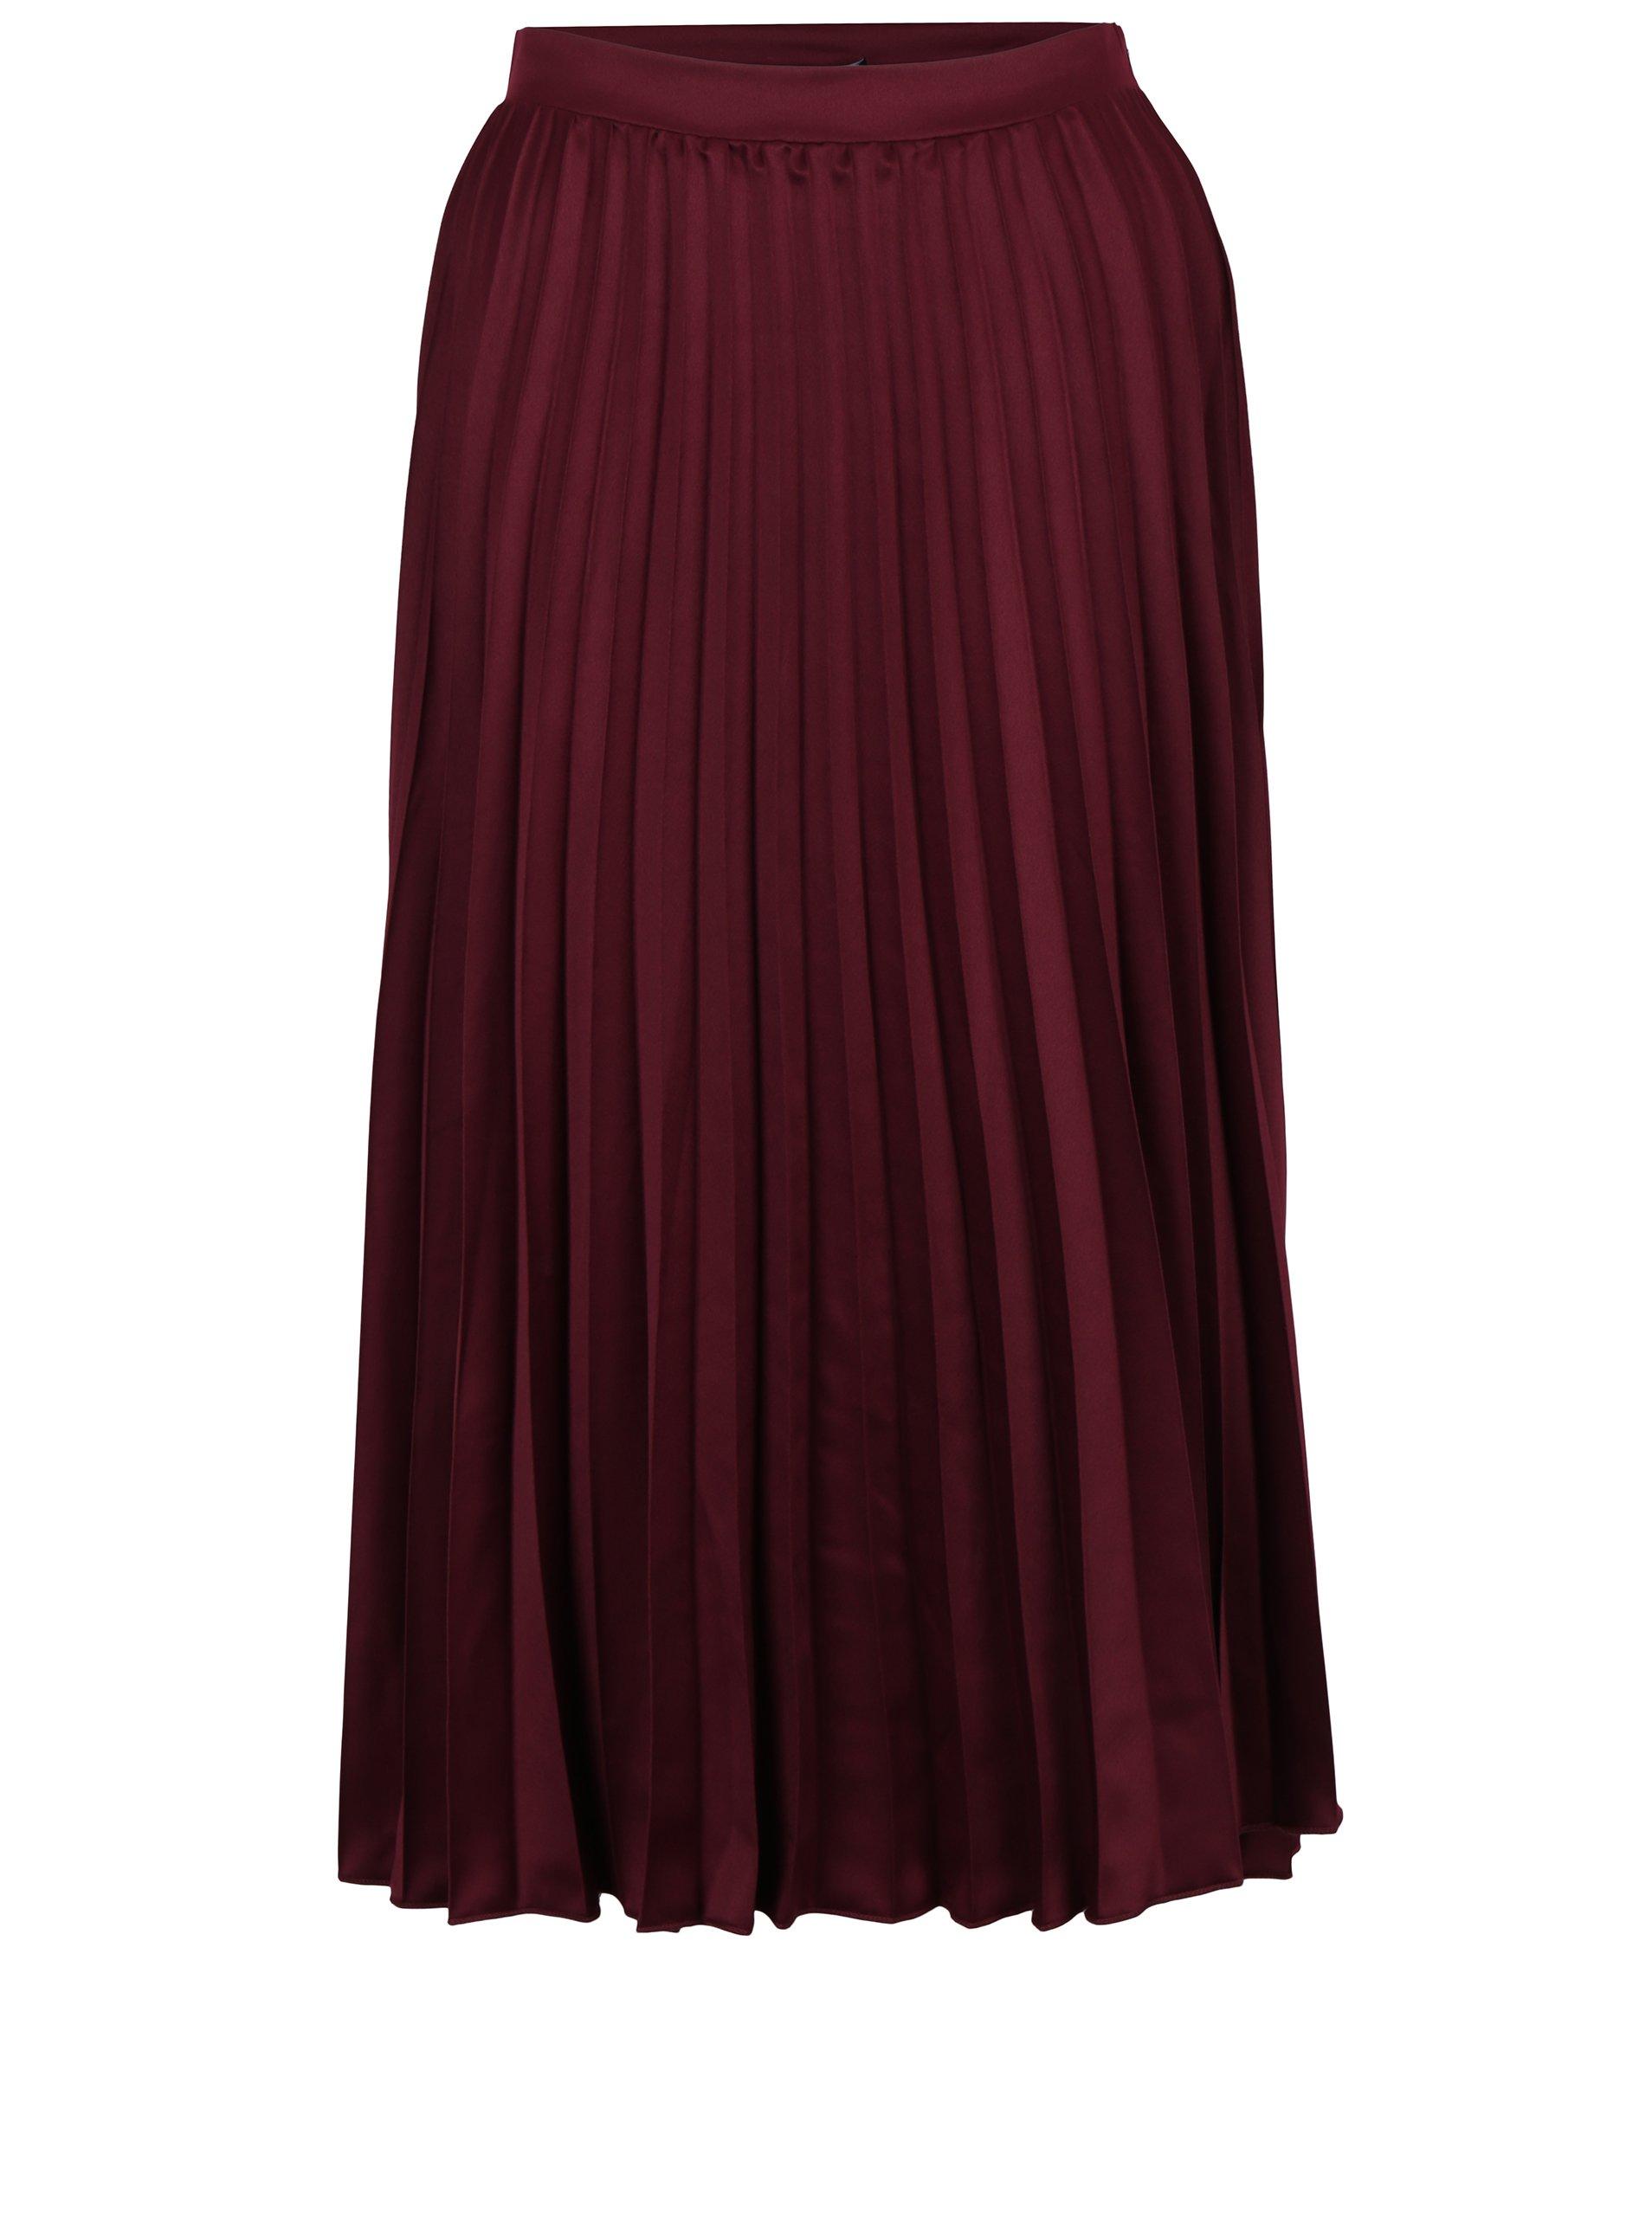 Vínová plisovaná midi sukně ZOOT 84cb28a5cc